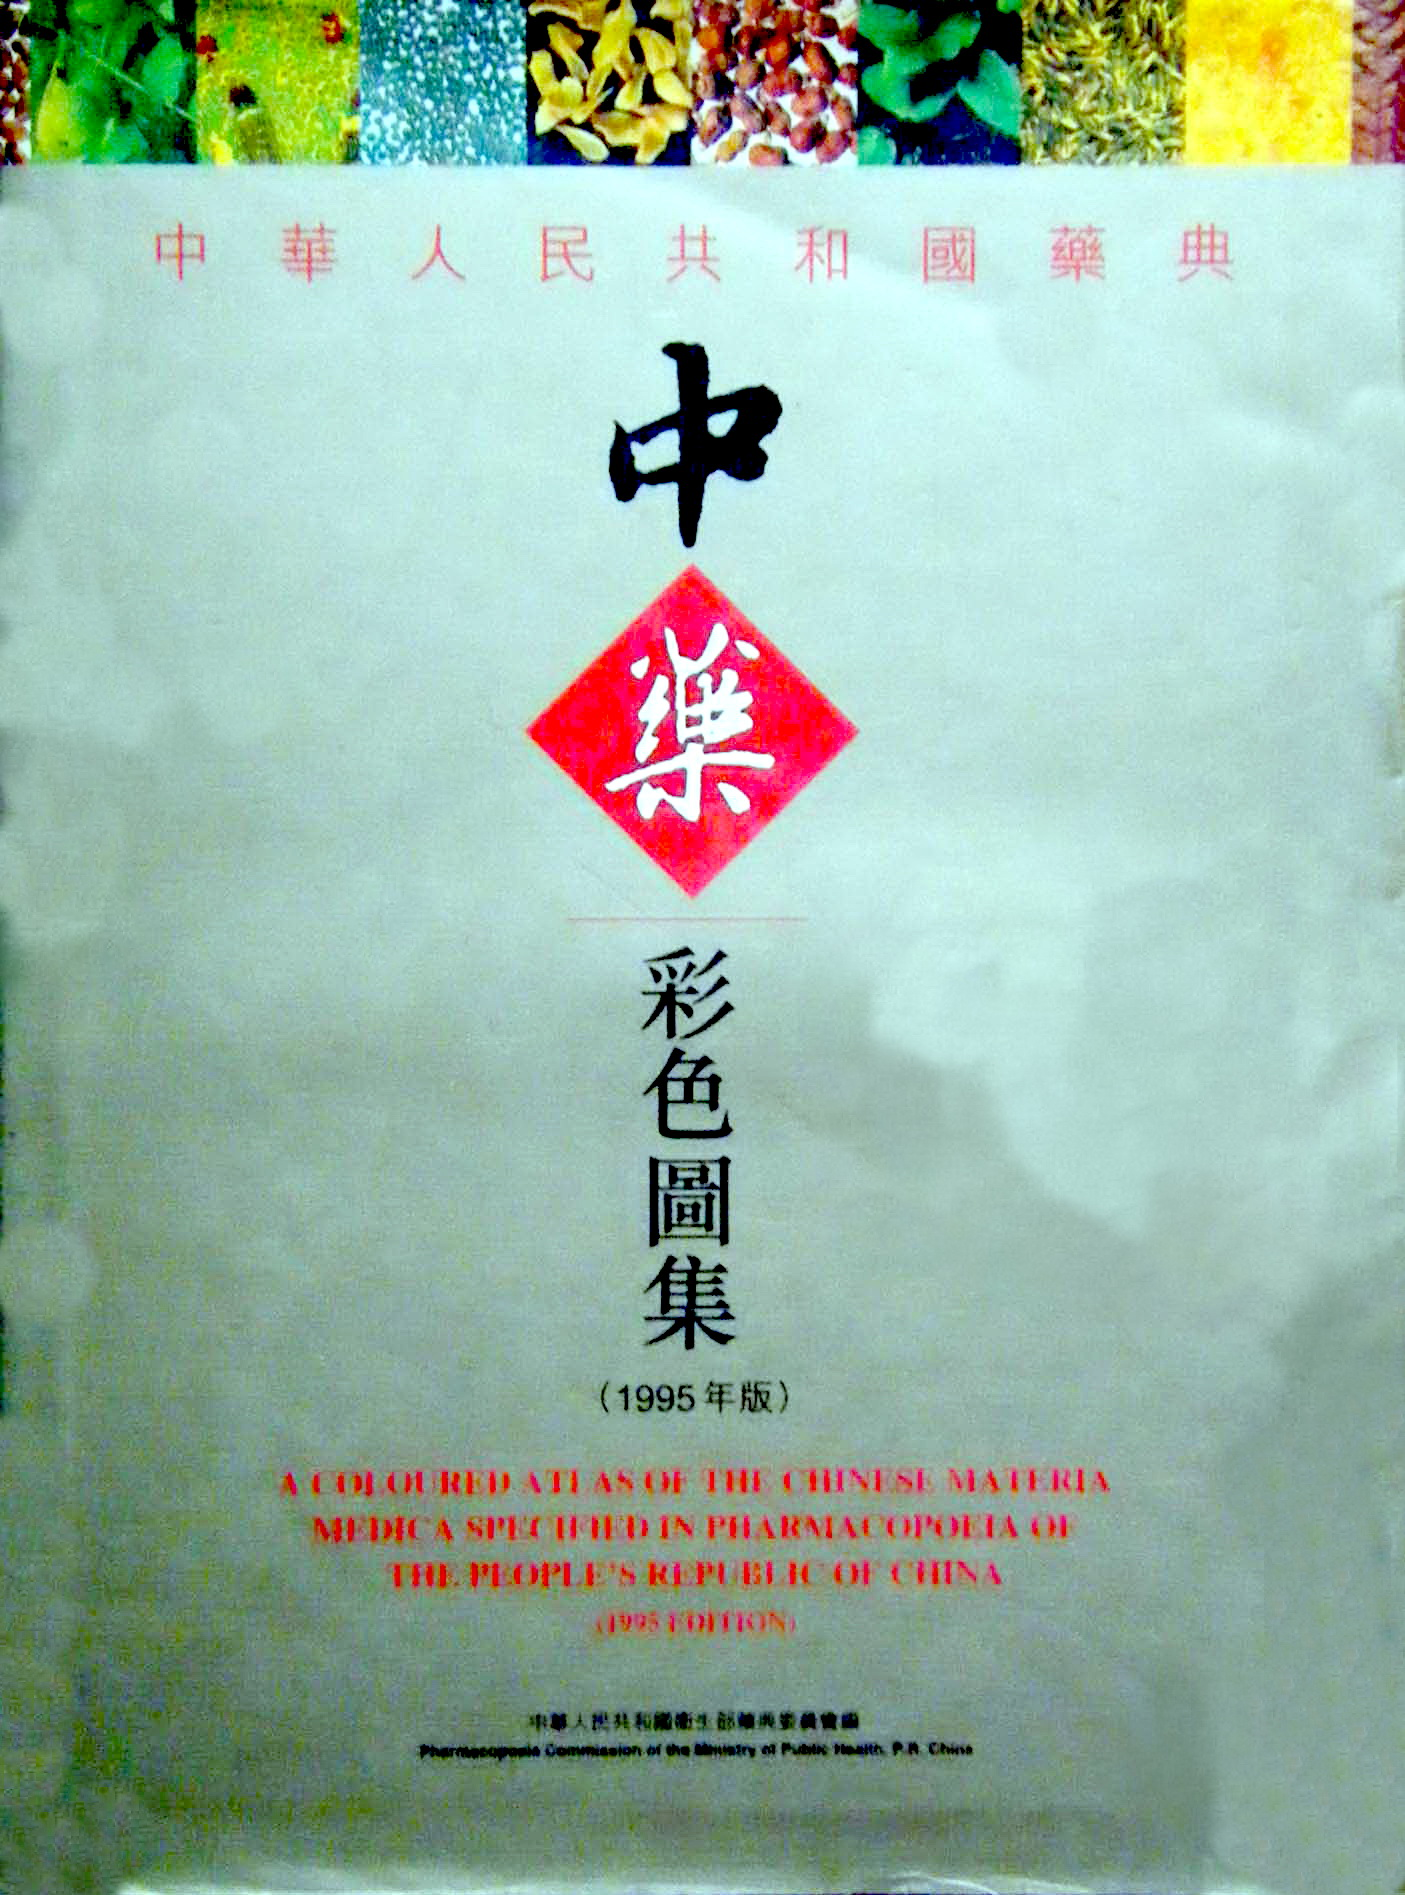 中華人民共和國藥典中藥彩色圖集